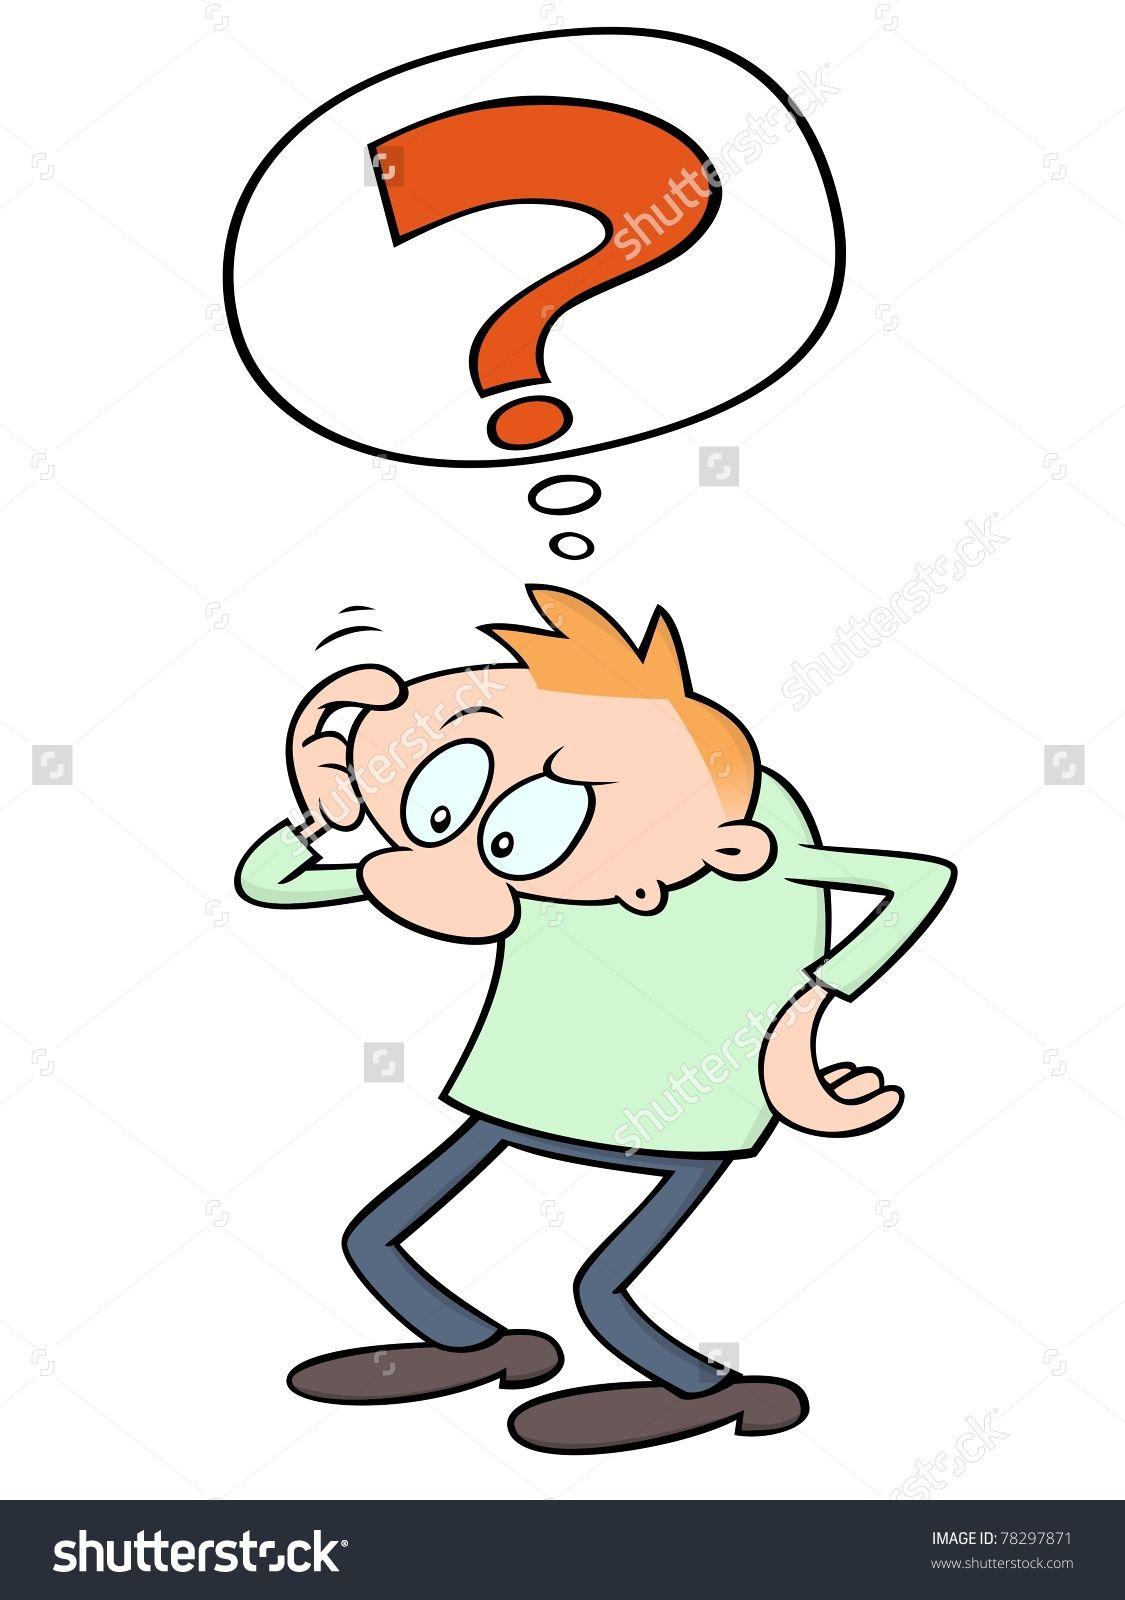 Confused Cartoon People